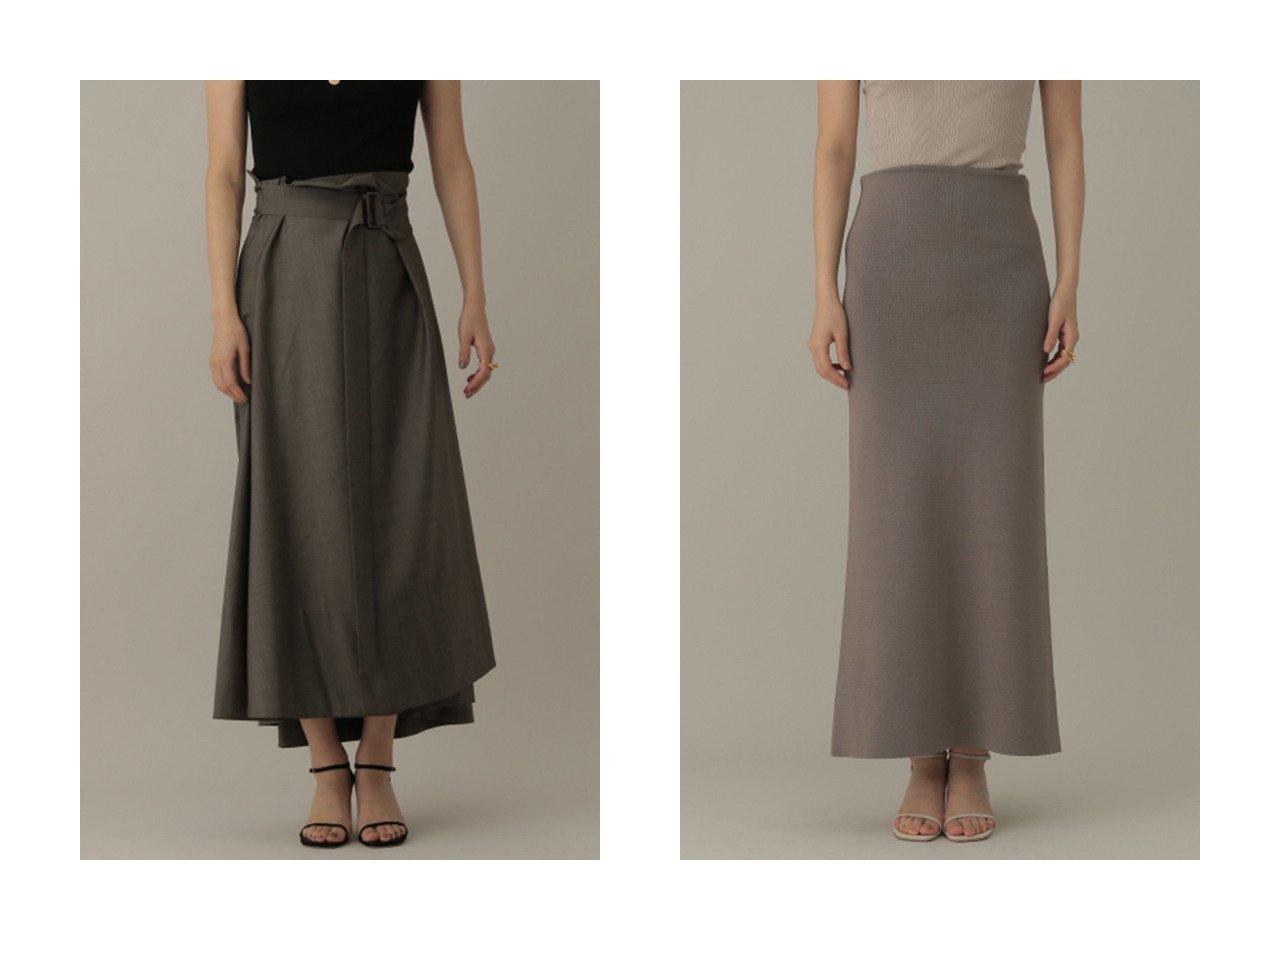 【Chaos/カオス】のSUPERロッタラップスカート&シルクコンミラノリブロングタイトスカート 【スカート】おすすめ!人気、トレンド・レディースファッションの通販 おすすめで人気の流行・トレンド、ファッションの通販商品 インテリア・家具・メンズファッション・キッズファッション・レディースファッション・服の通販 founy(ファニー) https://founy.com/ ファッション Fashion レディースファッション WOMEN スカート Skirt 2021年 2021 2021-2022秋冬・A/W AW・Autumn/Winter・FW・Fall-Winter・2021-2022 A/W・秋冬 AW・Autumn/Winter・FW・Fall-Winter おすすめ Recommend イタリア ジャケット セットアップ ラップ キャミソール シルク ストレッチ タイトスカート バランス ミラノリブ 夏 Summer |ID:crp329100000054046